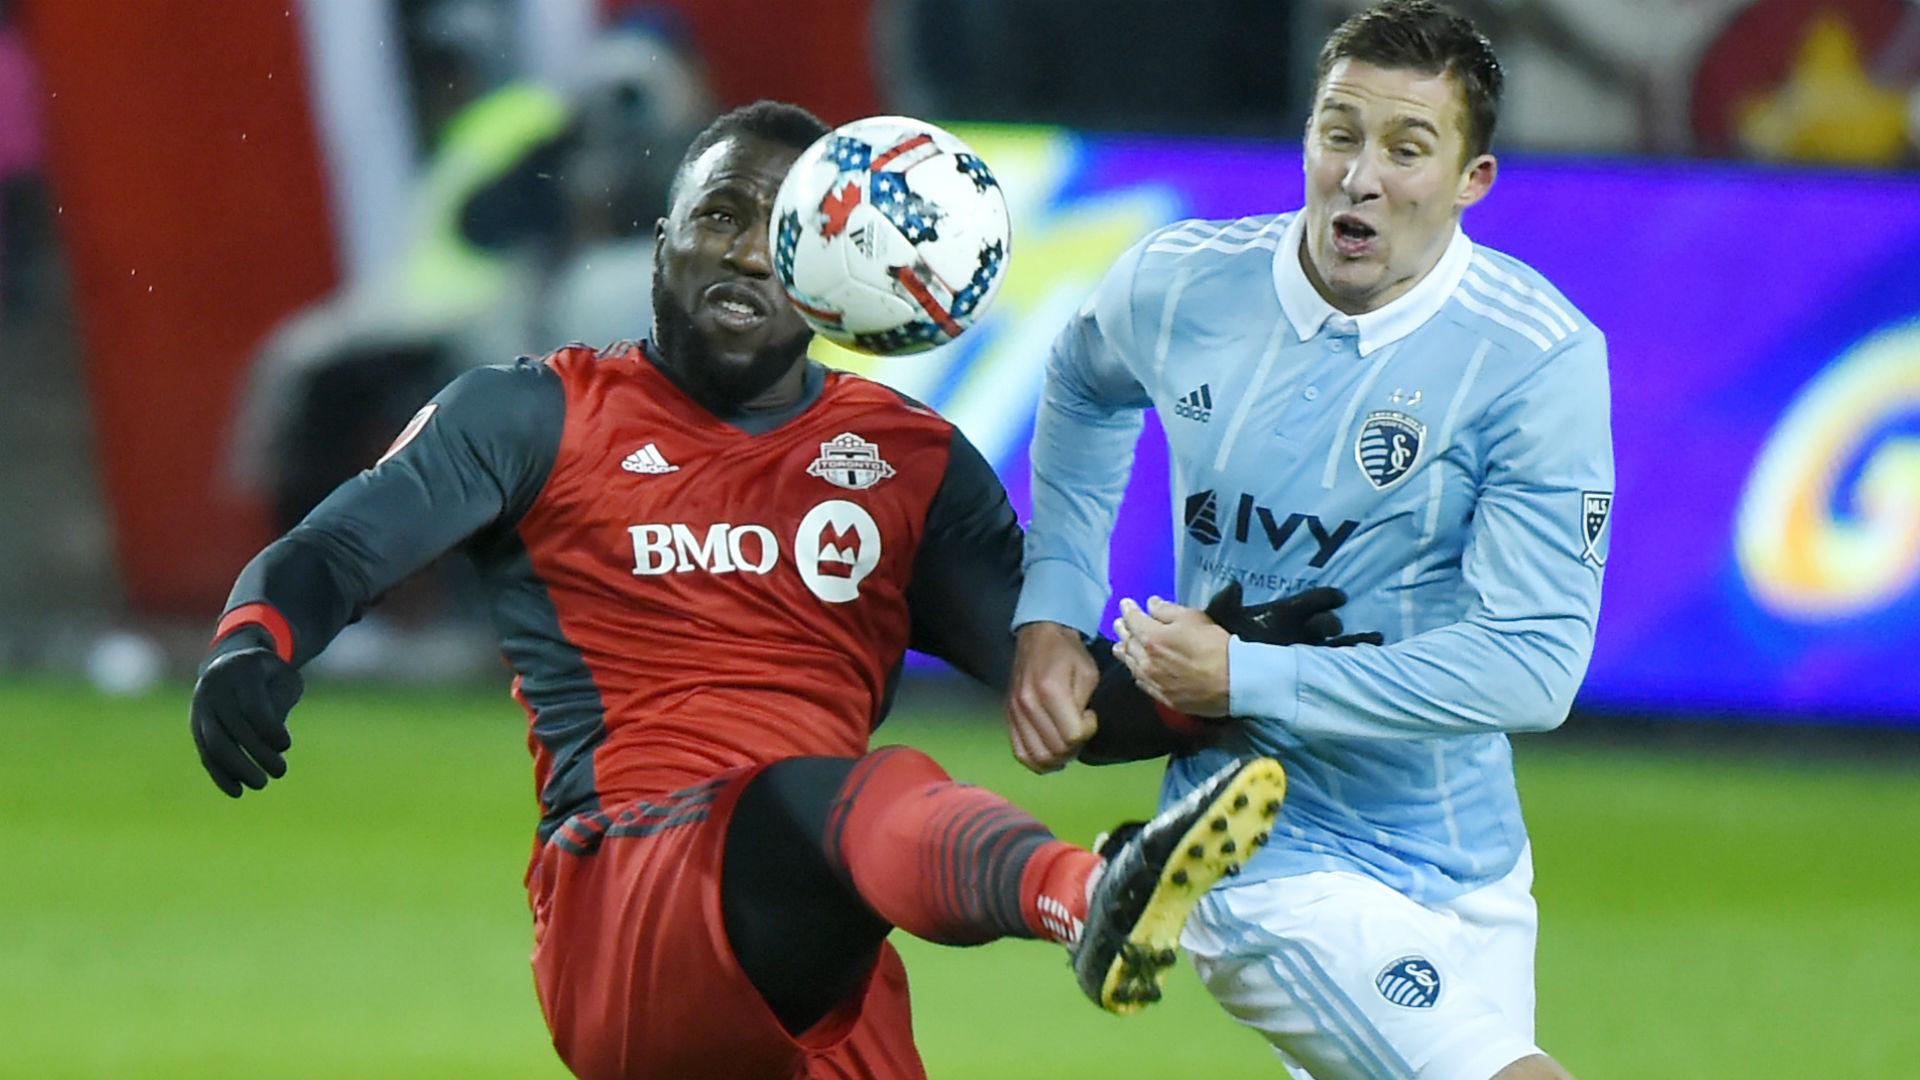 Jozy Altidore Matt Besler Toronto FC vs. Sporting Kansas City